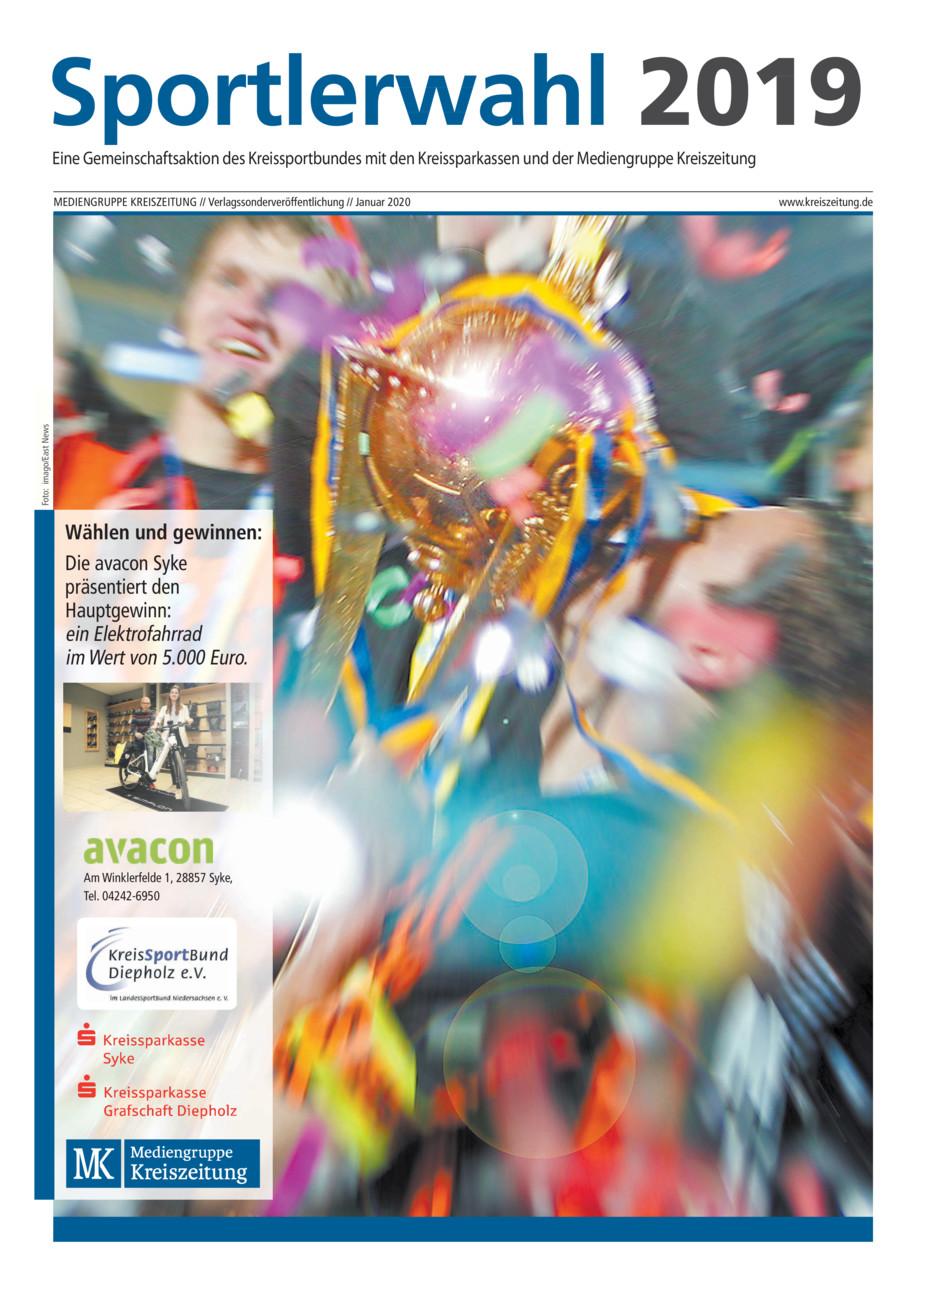 Sportlerwahl 2019 vom Mittwoch, 12.02.2020